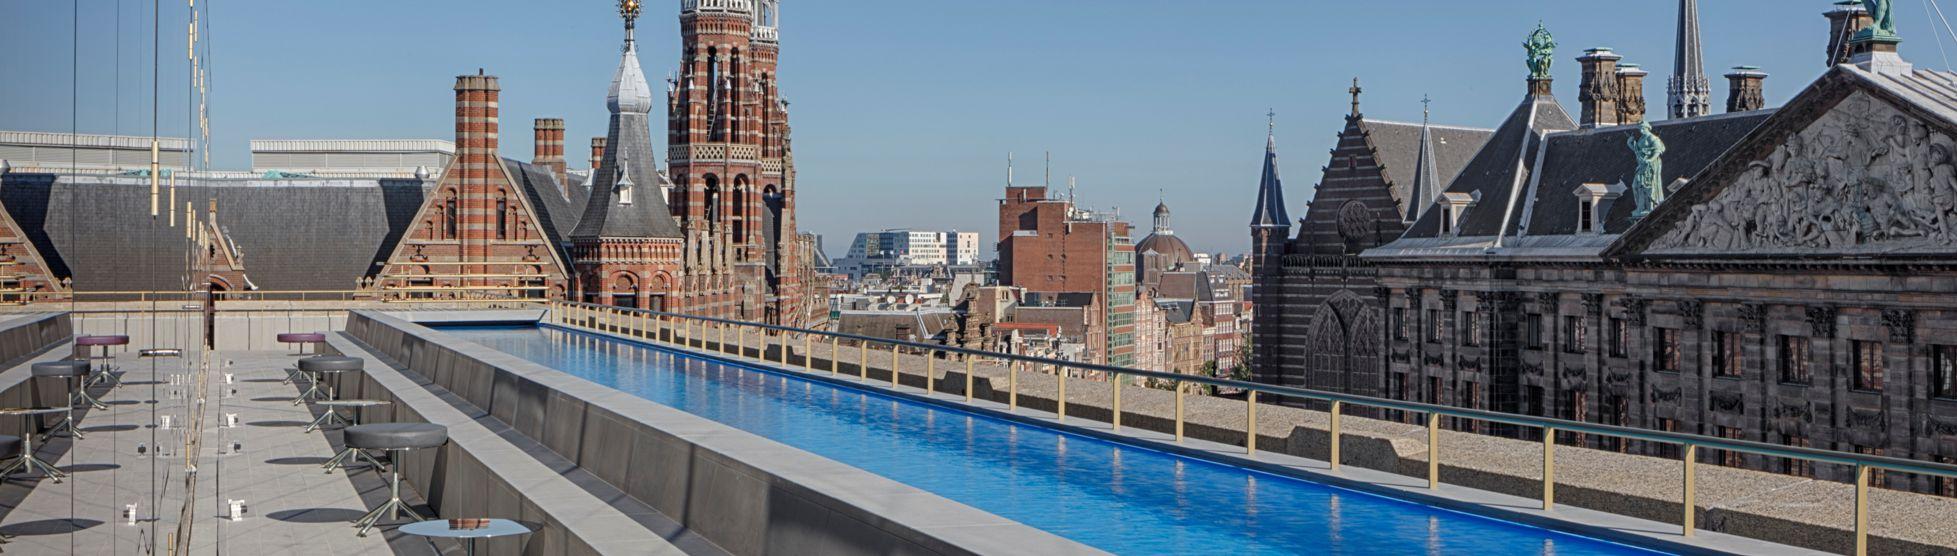 W-Hotel, Amsterdam